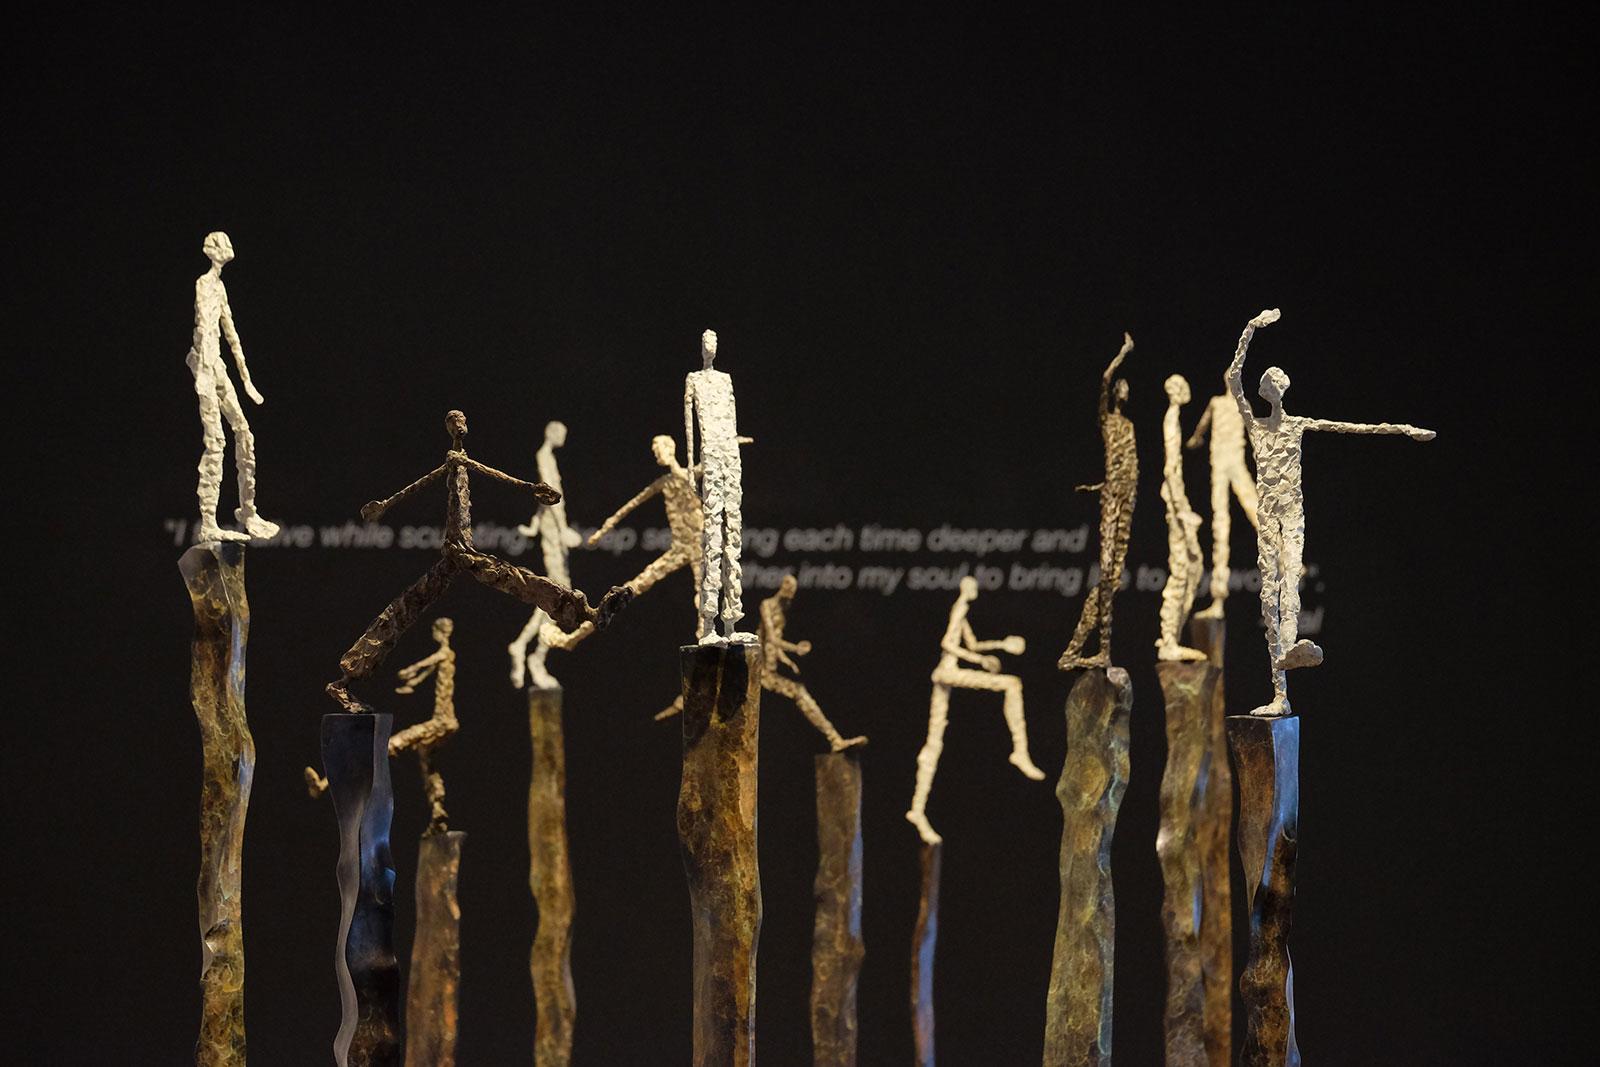 La sculpteure française Val - Valérie Goutard - avec REDSEA Gallery avec Sculptureval